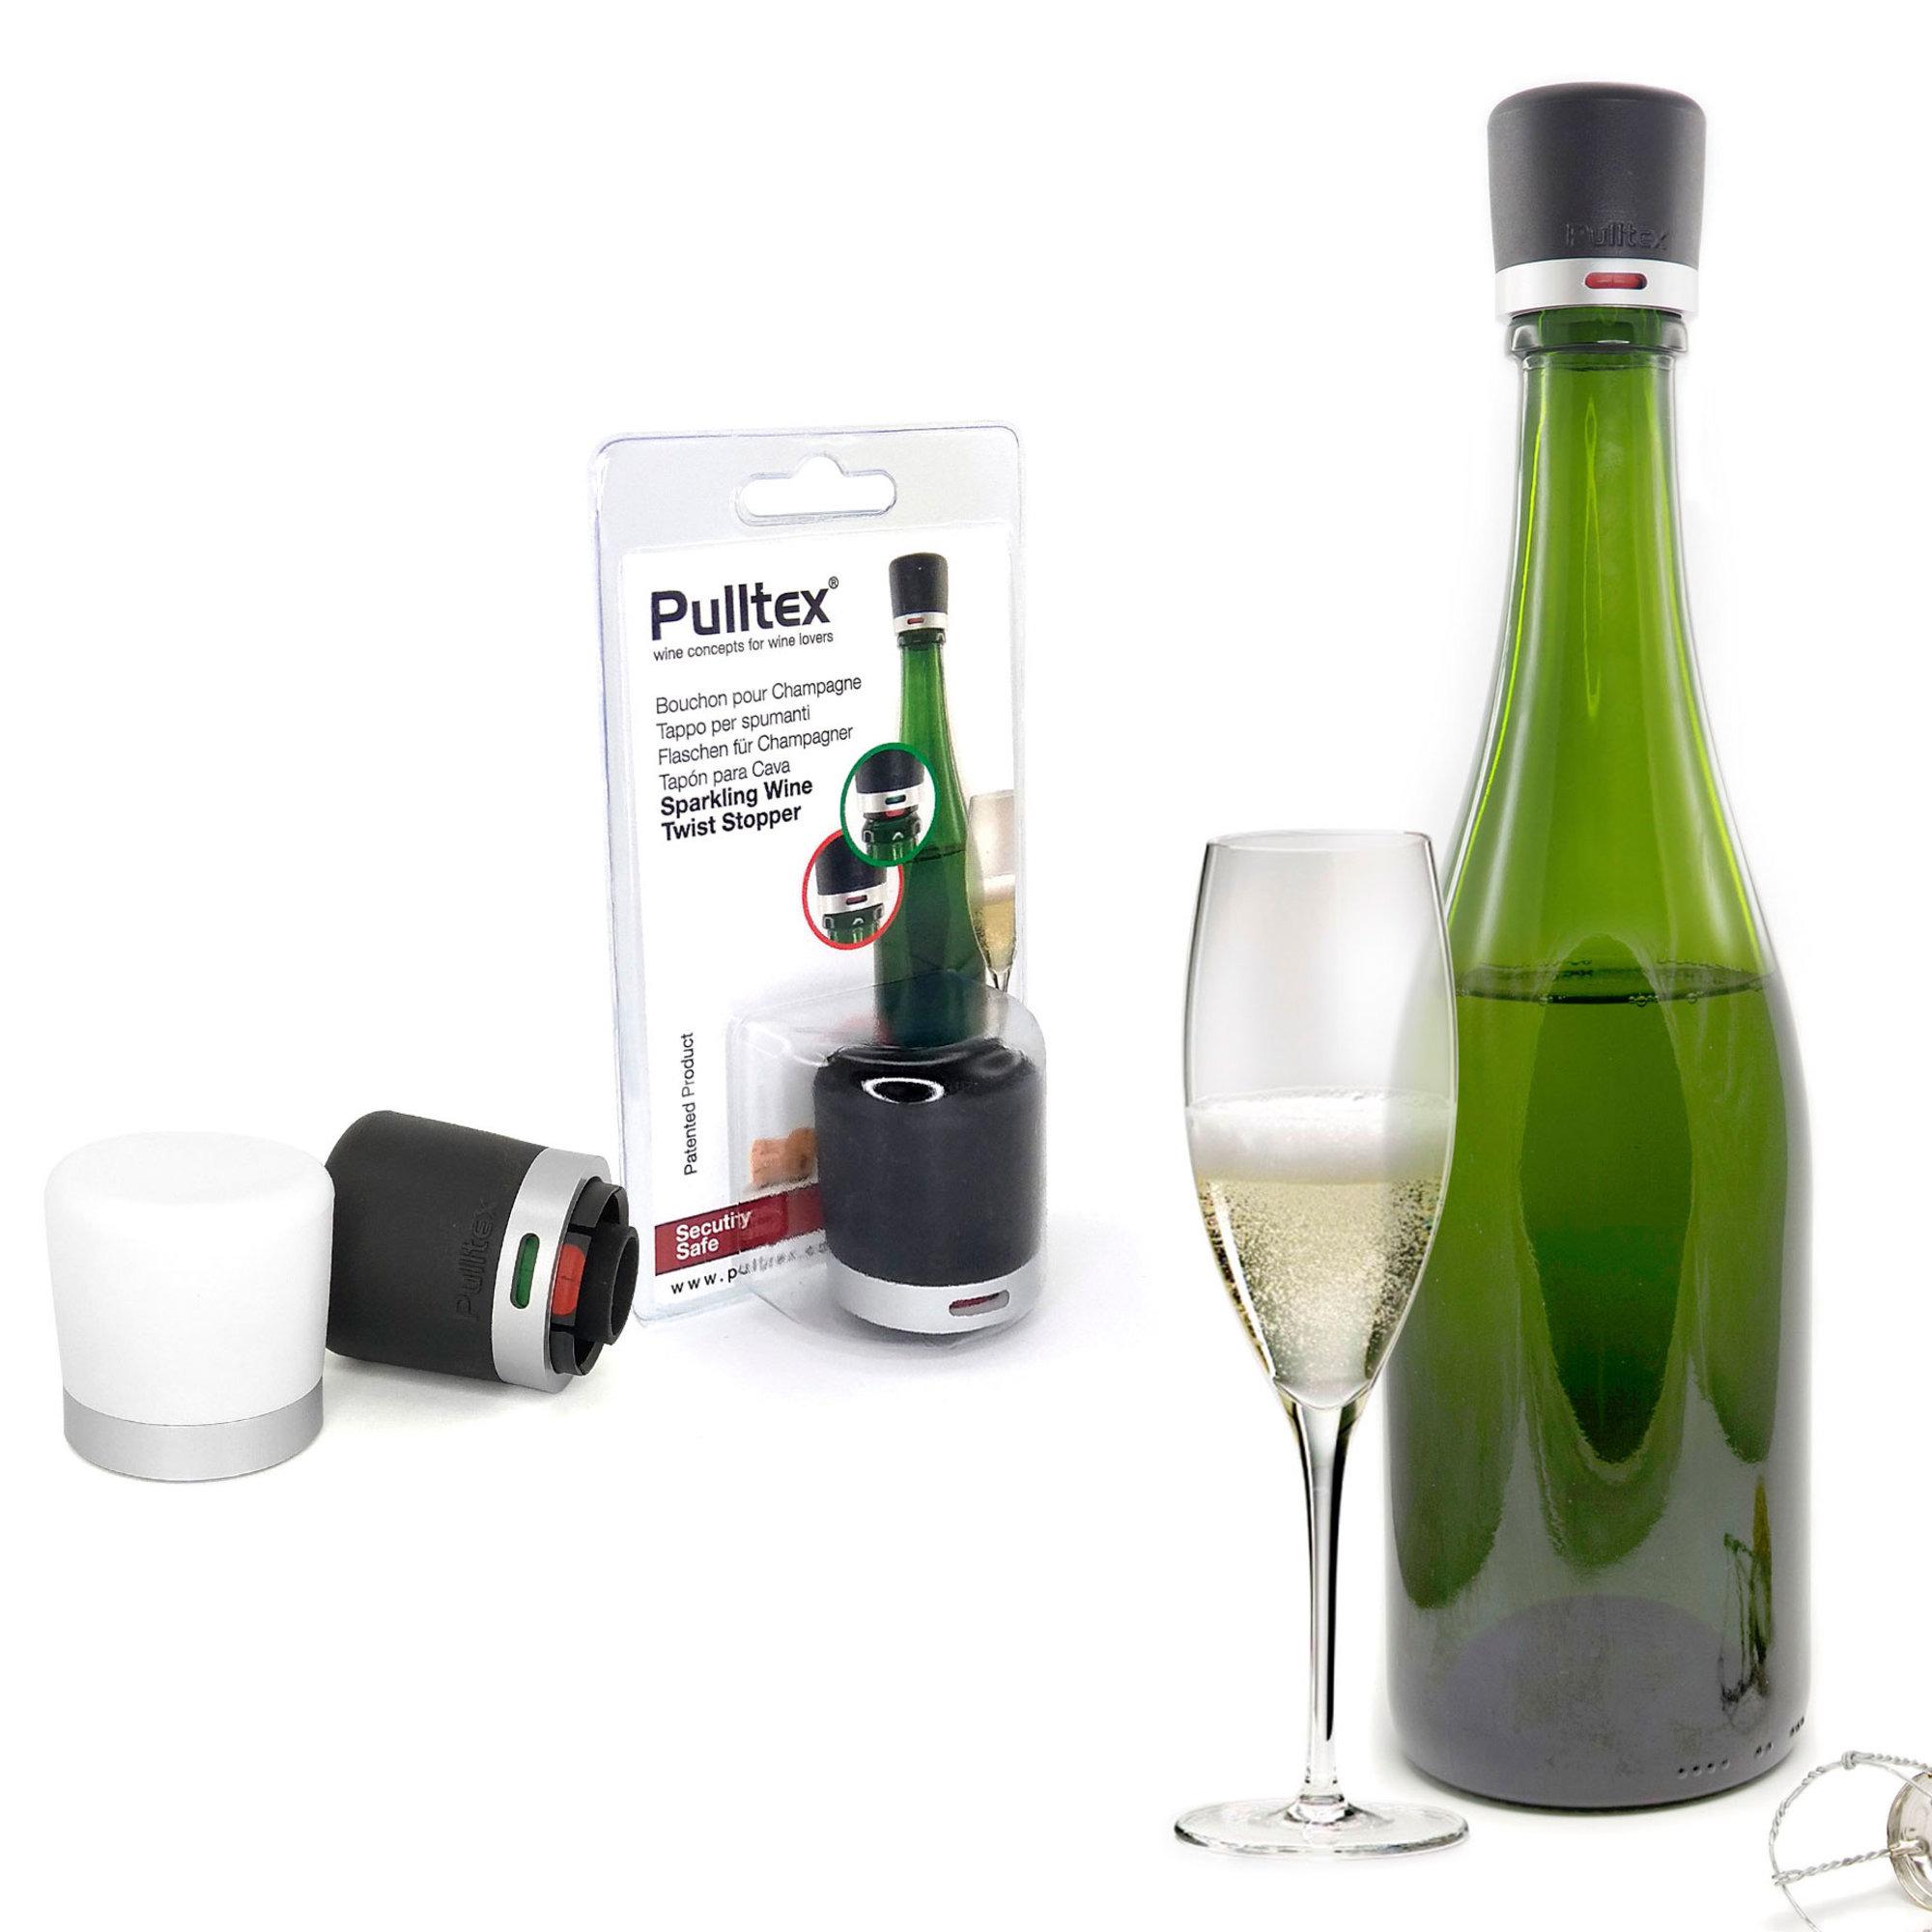 Pulltex Twist Champagne stopper